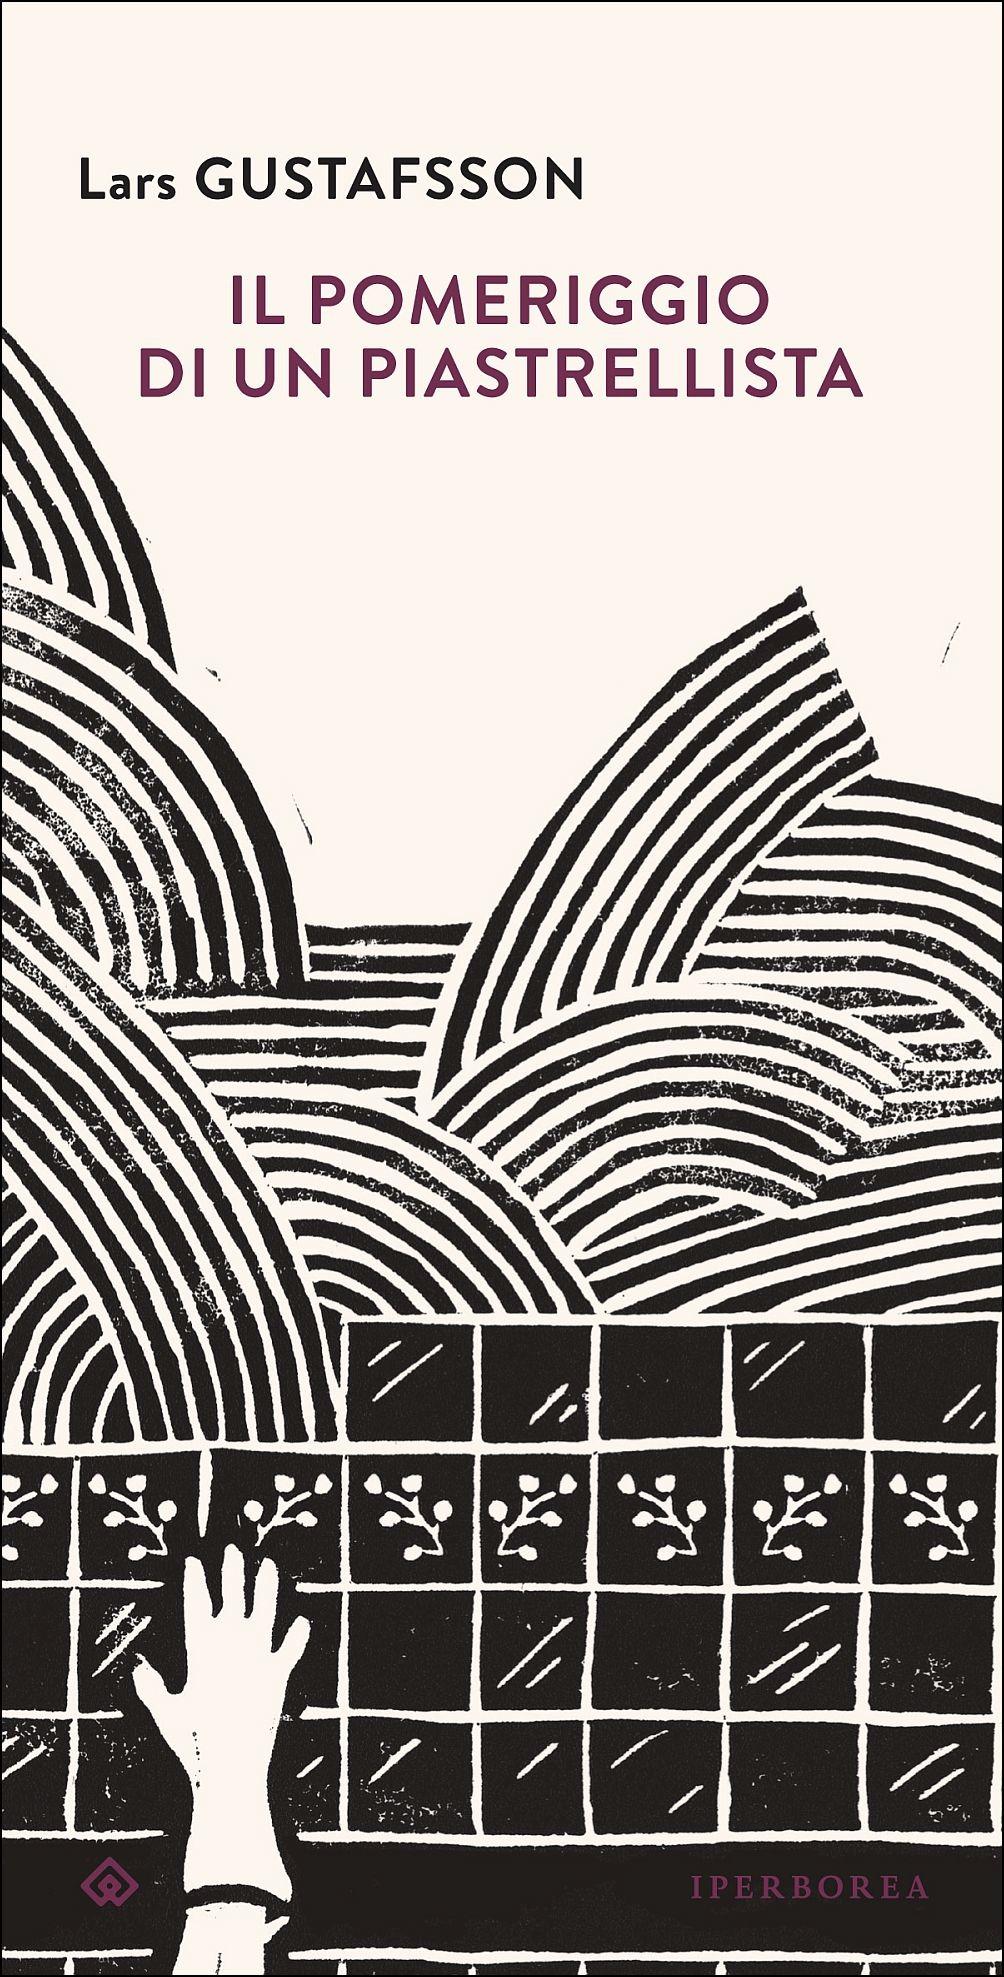 Il pomeriggio di un piastrellista di Lars Gustafsson 4 - fanzine